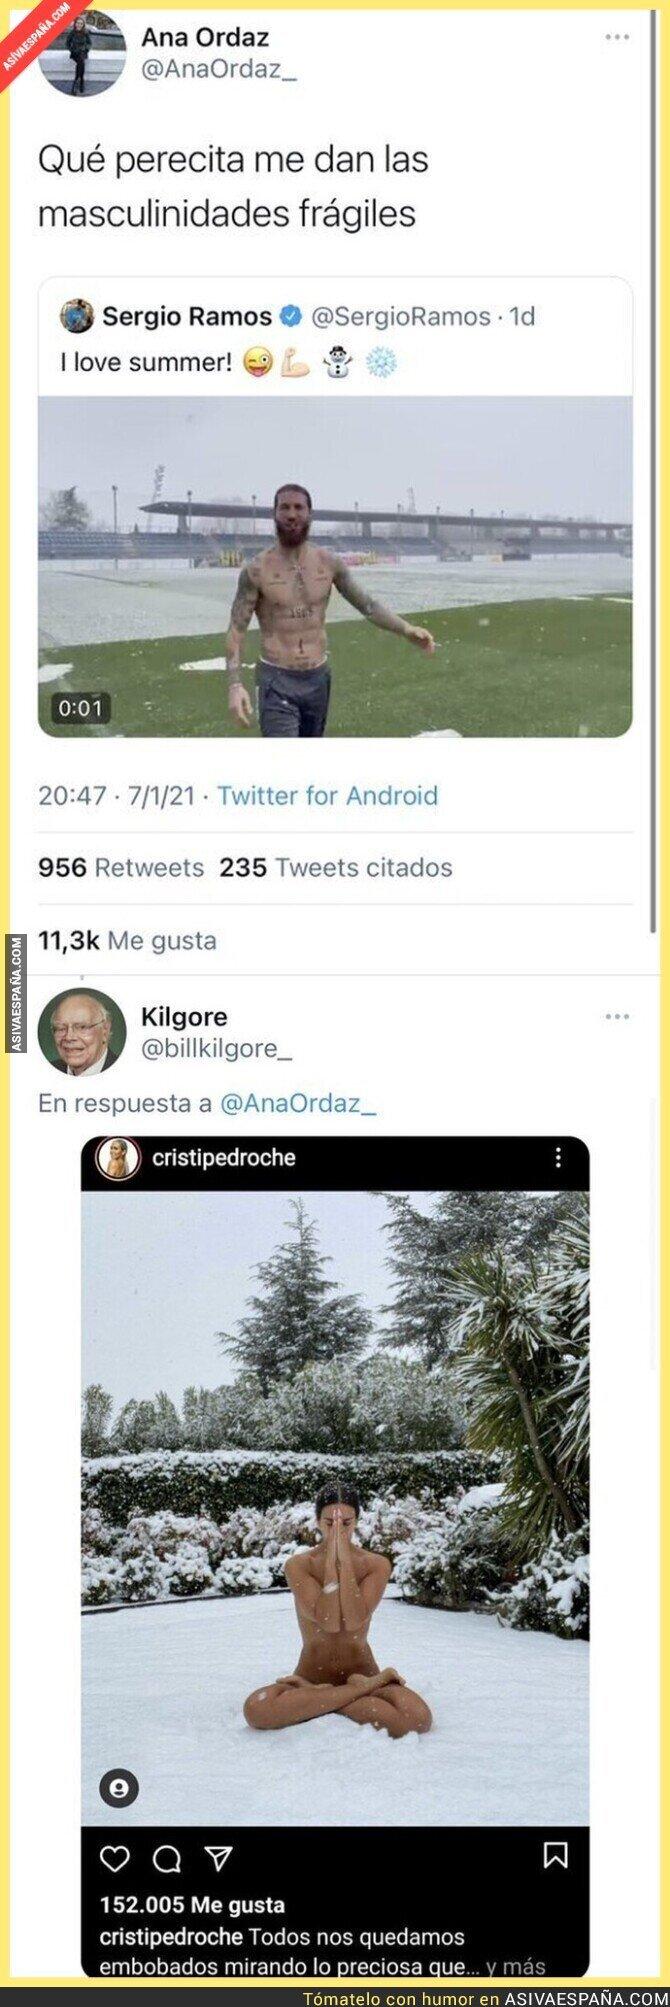 540609 - Esta feminista intenta reírse de Sergio Ramos por salir sin camiseta mientras nevaba y se lleva el ZAS de su vida